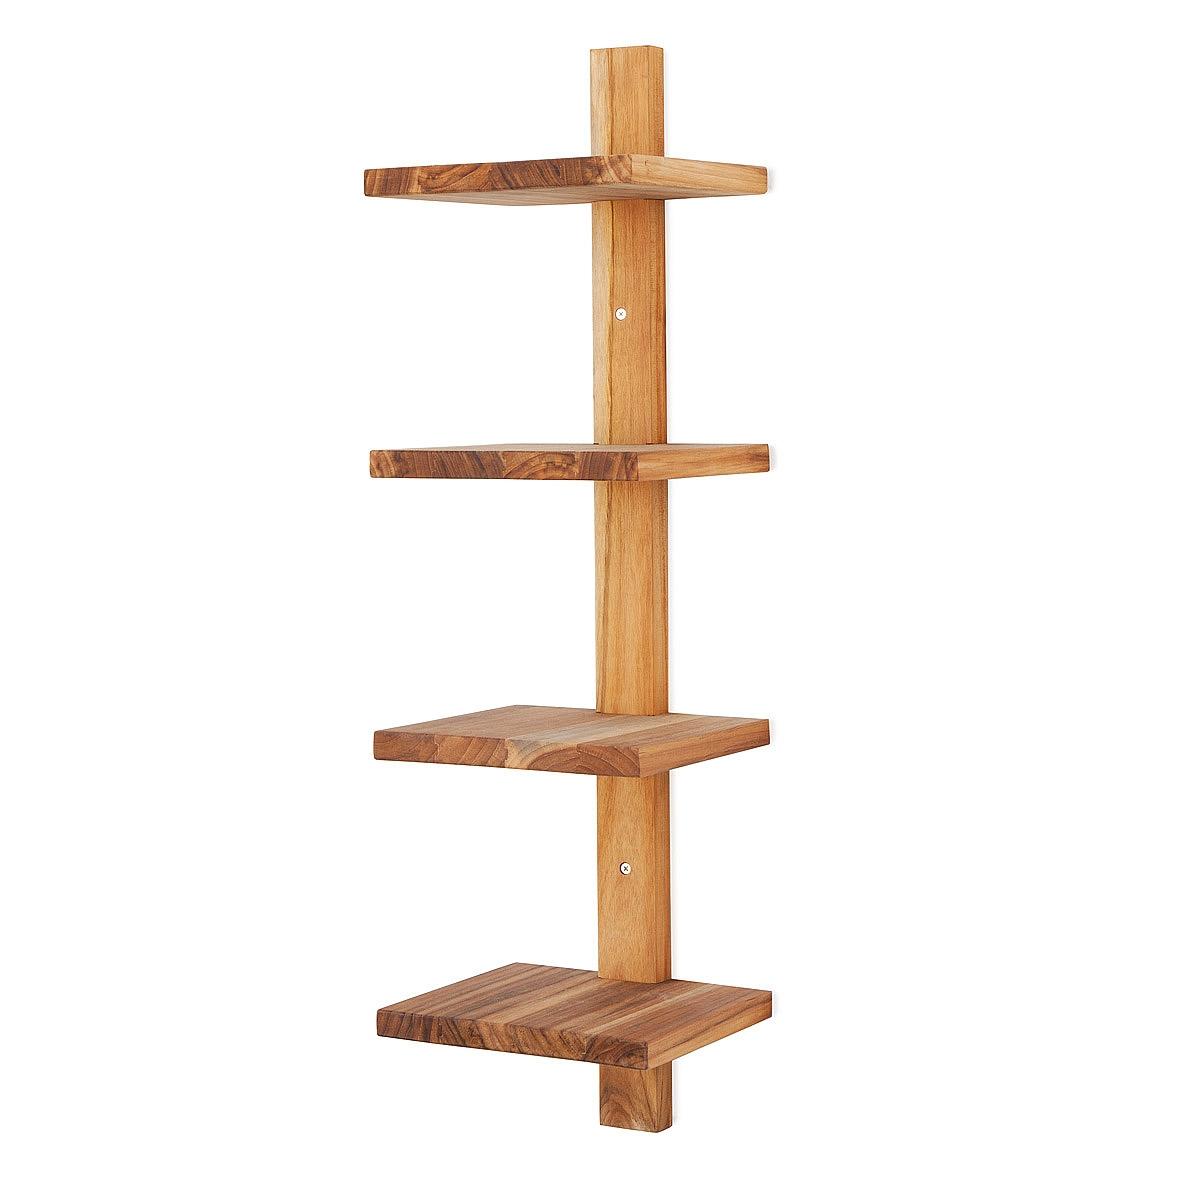 Minimalist Teak Wall Shelf Vertical Shelves Stacked Shelves For Wall Shelf (Image 6 of 15)